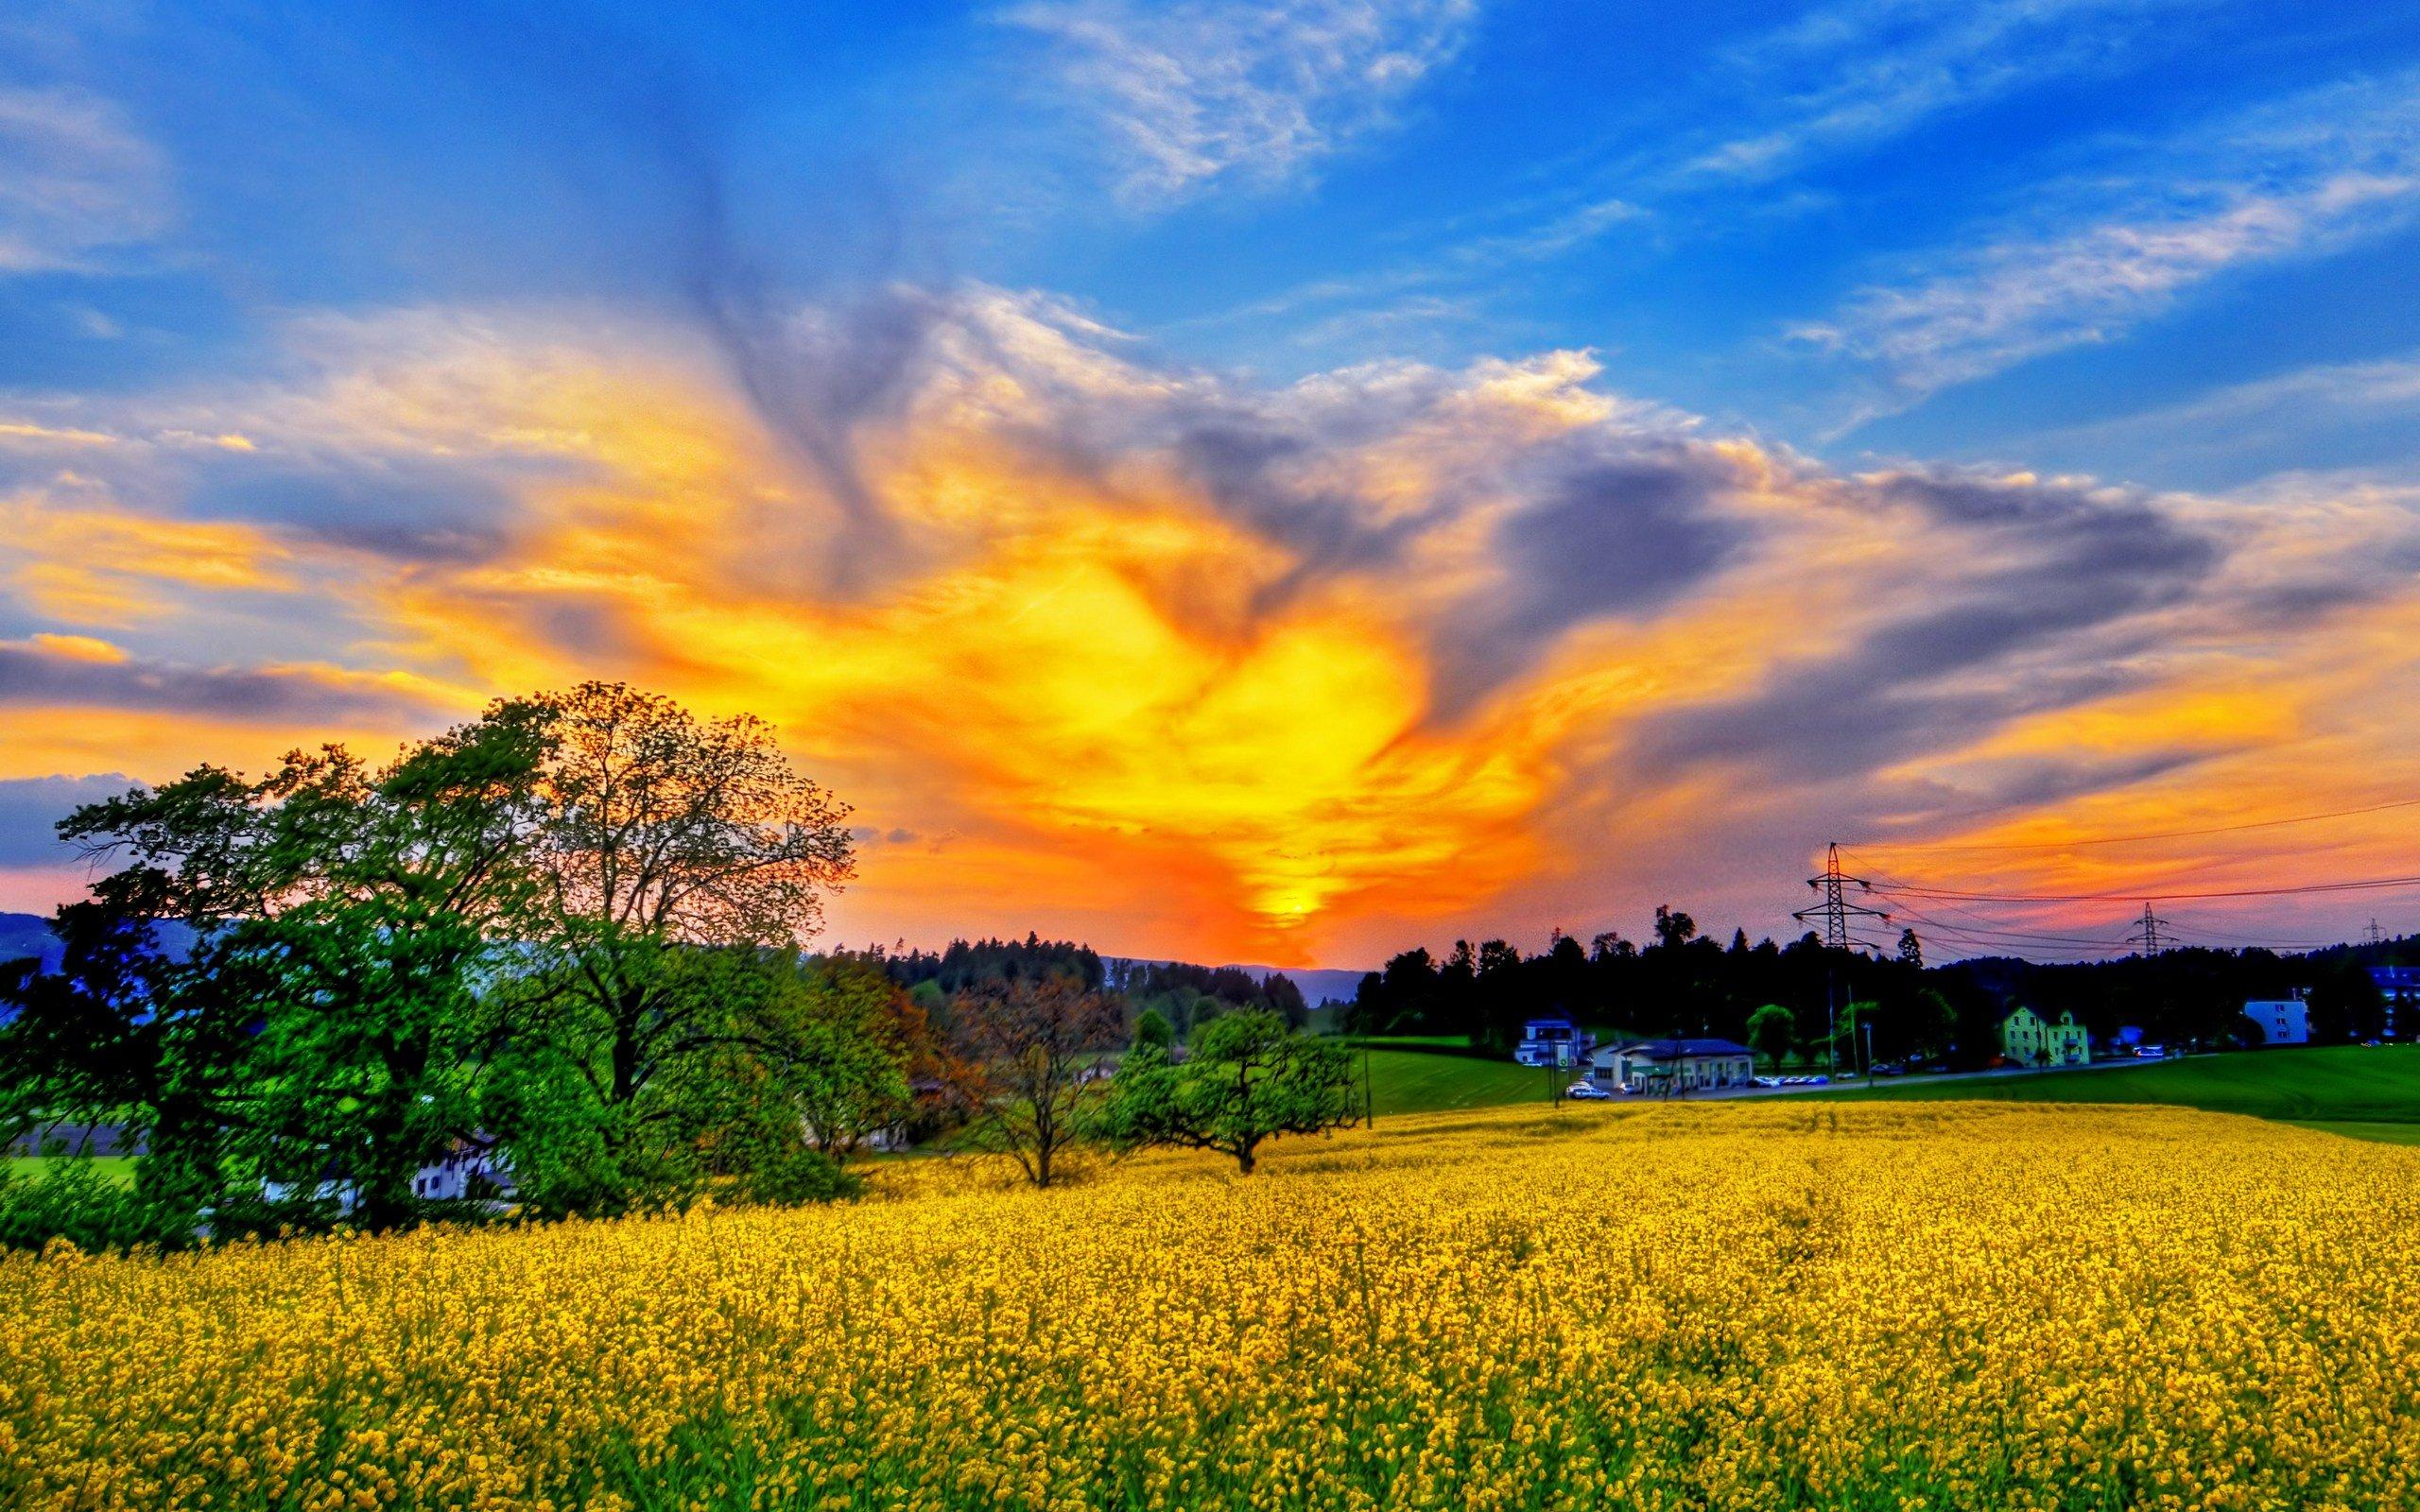 RENeW: Summer Scenes of Nature's Beauty  Beautiful Summer Scenes